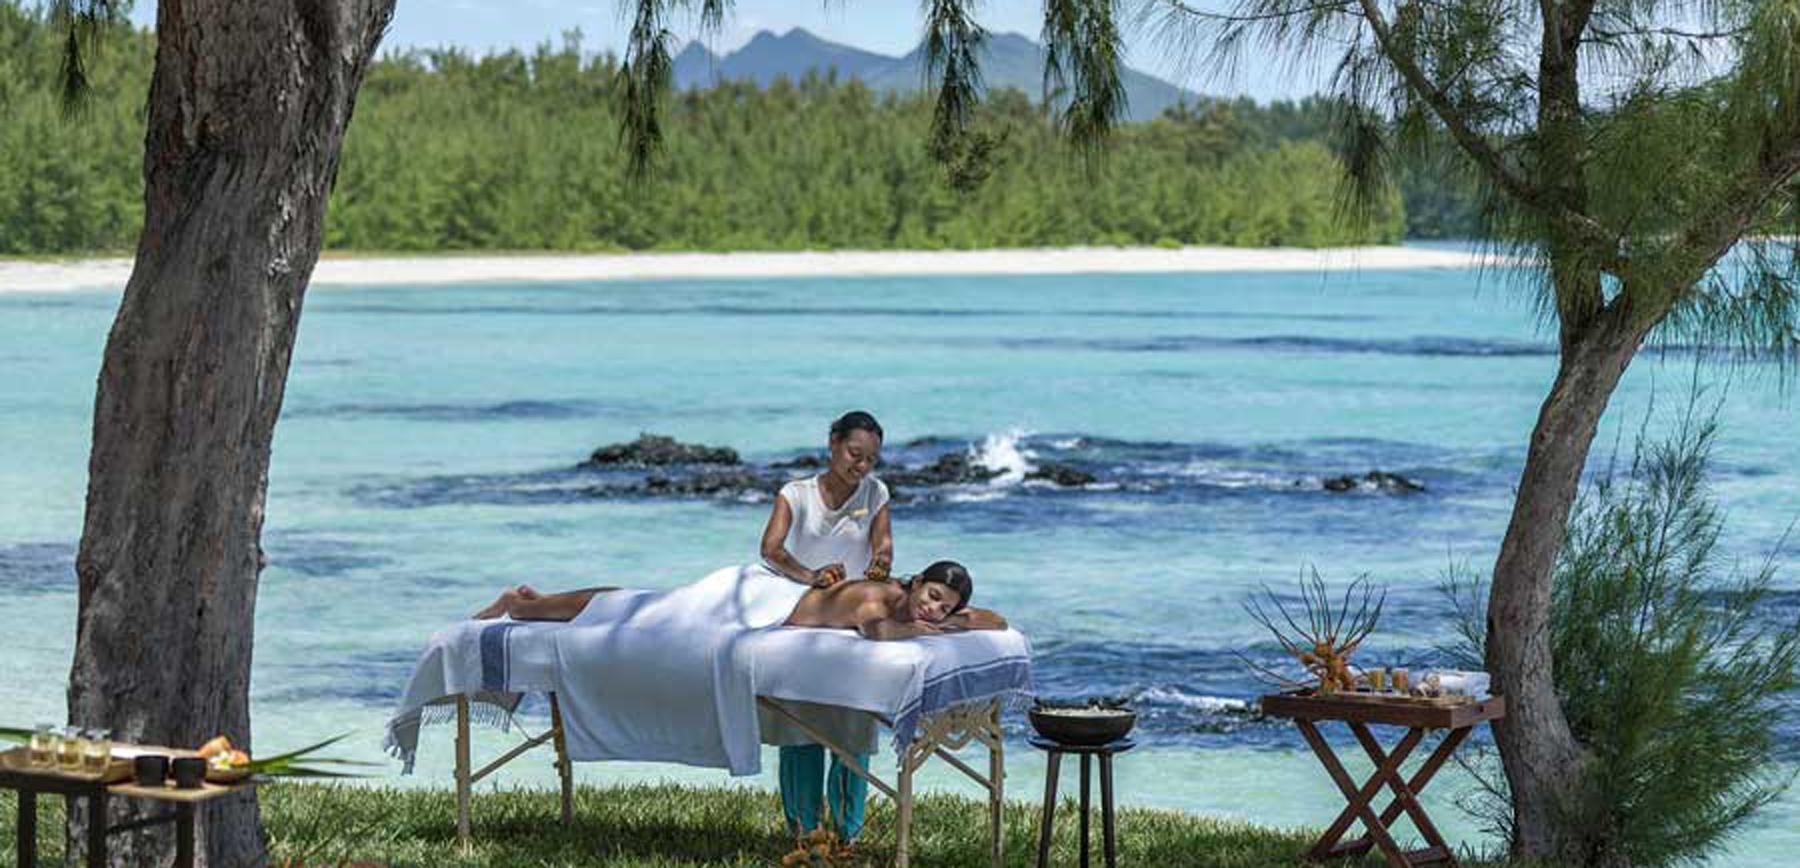 毛里求斯香格里拉托斯洛克水疗度假酒店 <br/>Shangri-La's le Touessrok Resort & Spa, Mauritius